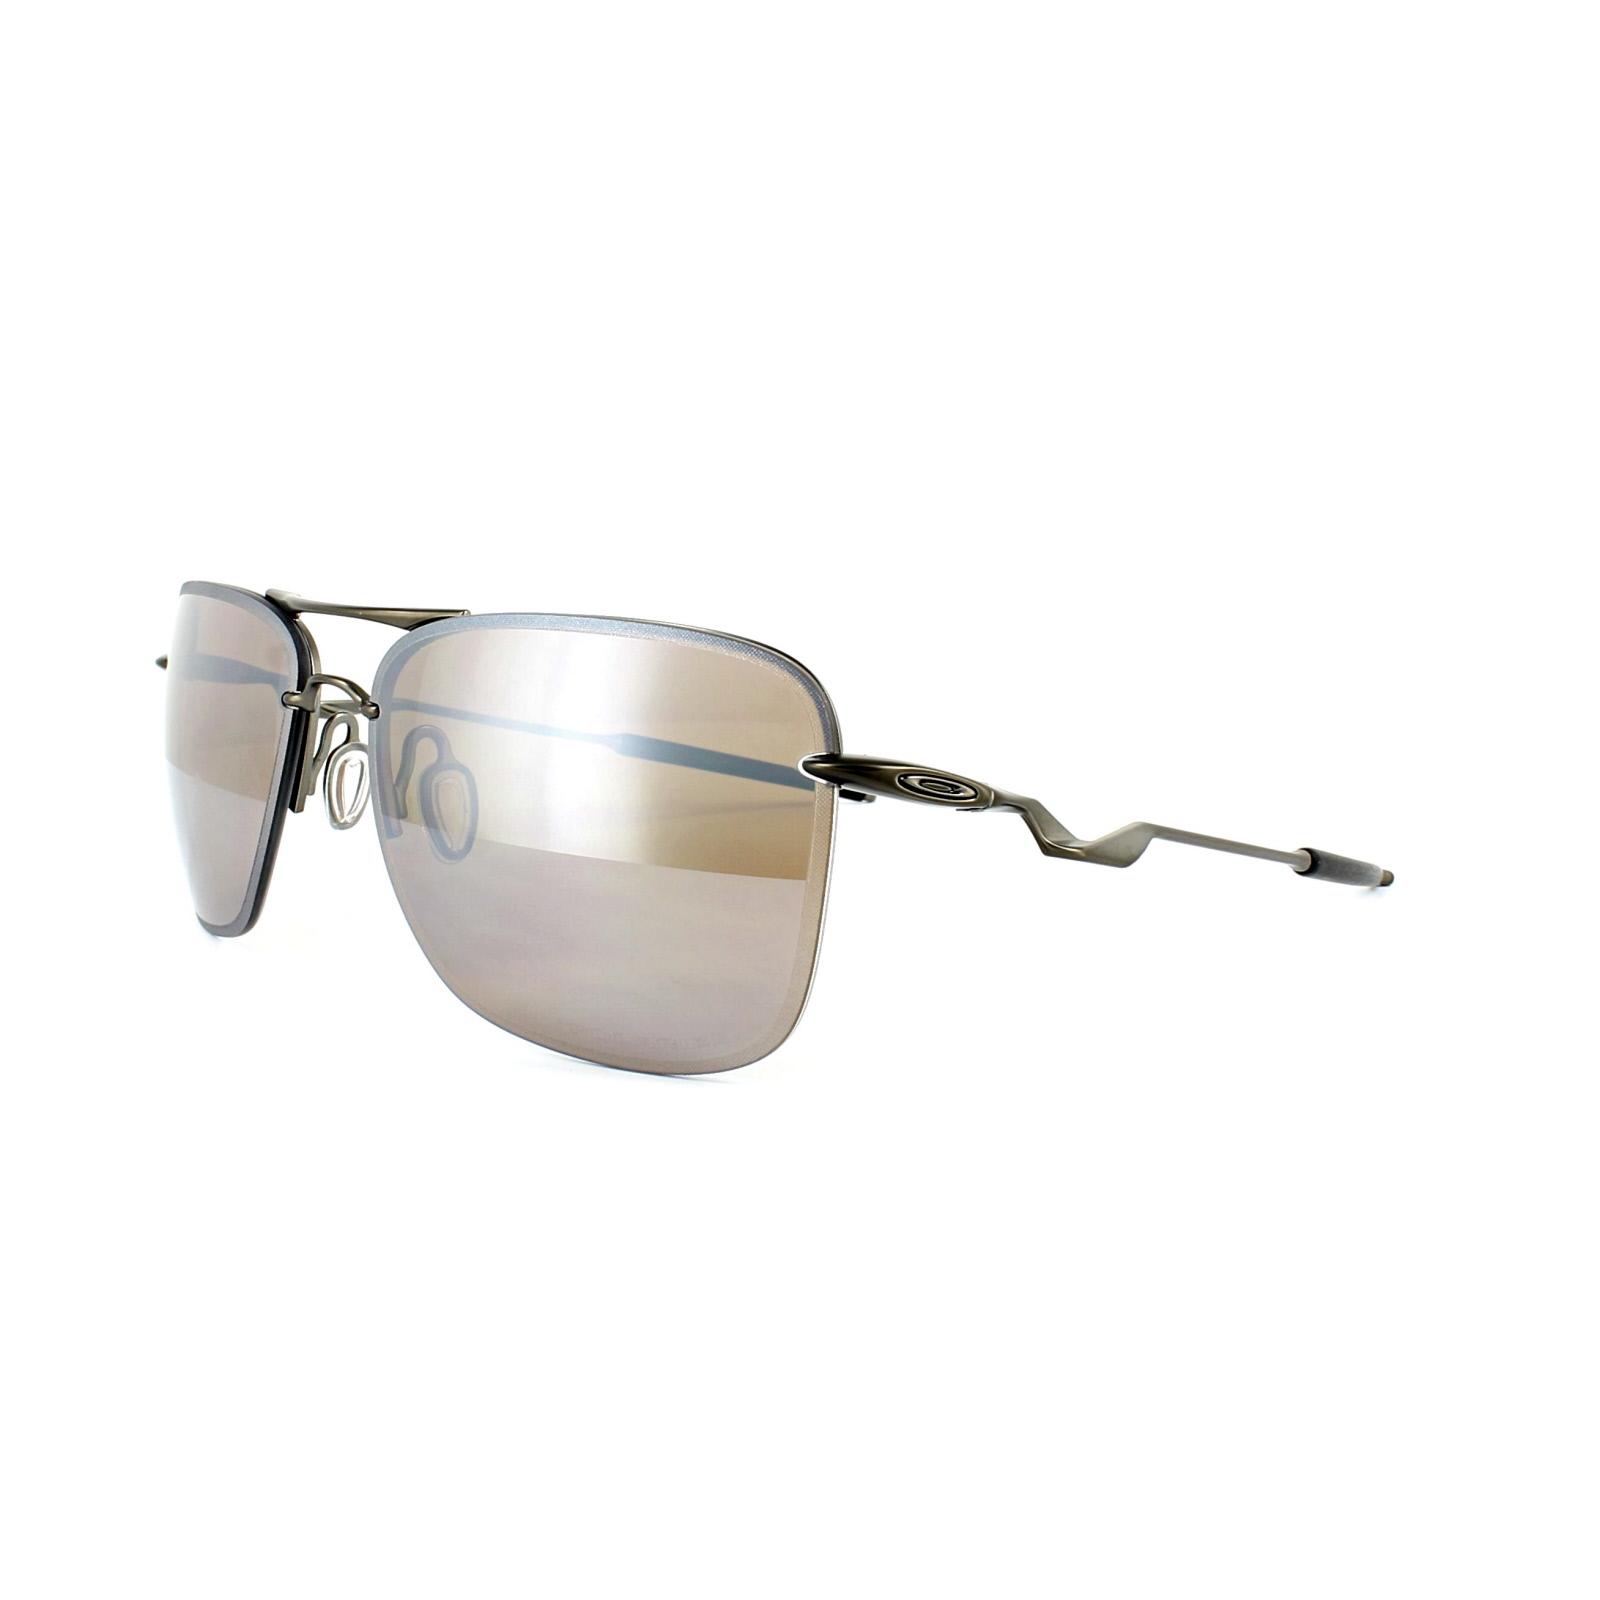 e993be7067 Oakley Sunglasses Tailhook OO408707 Titanium Titanium Iridium ...